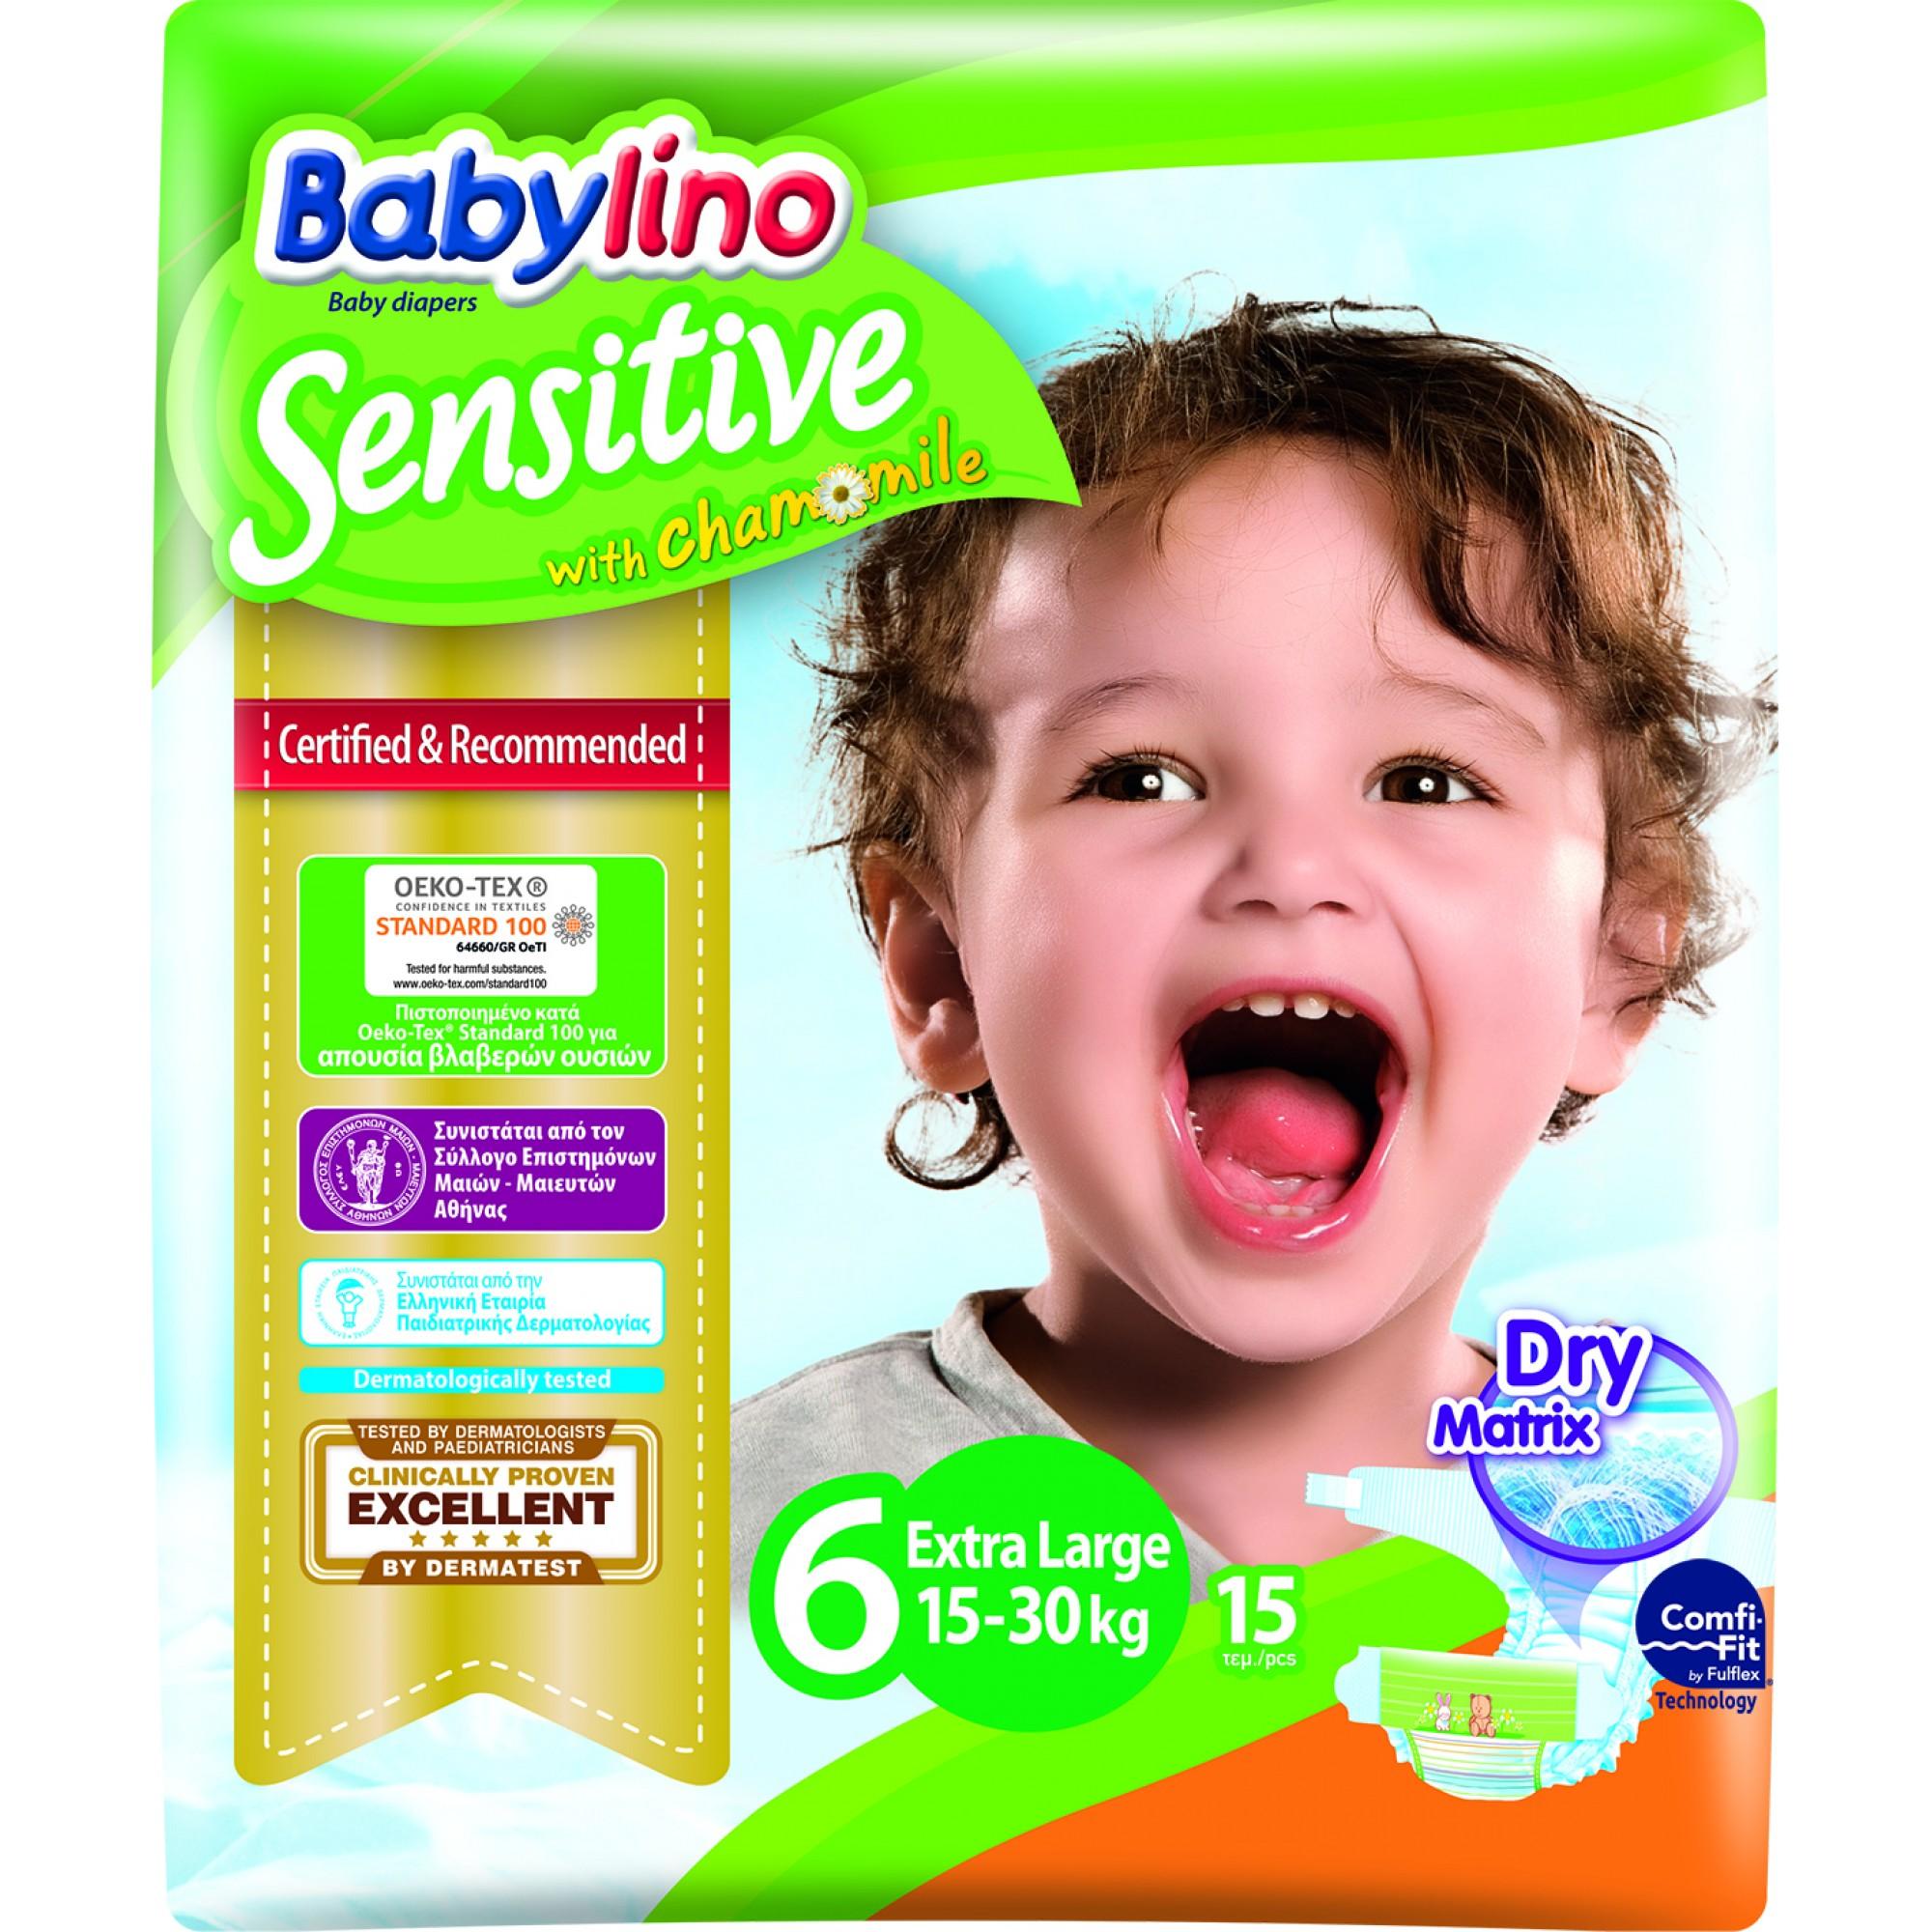 Scutece Babylino Sensitive N6 15-30kg/15 buc